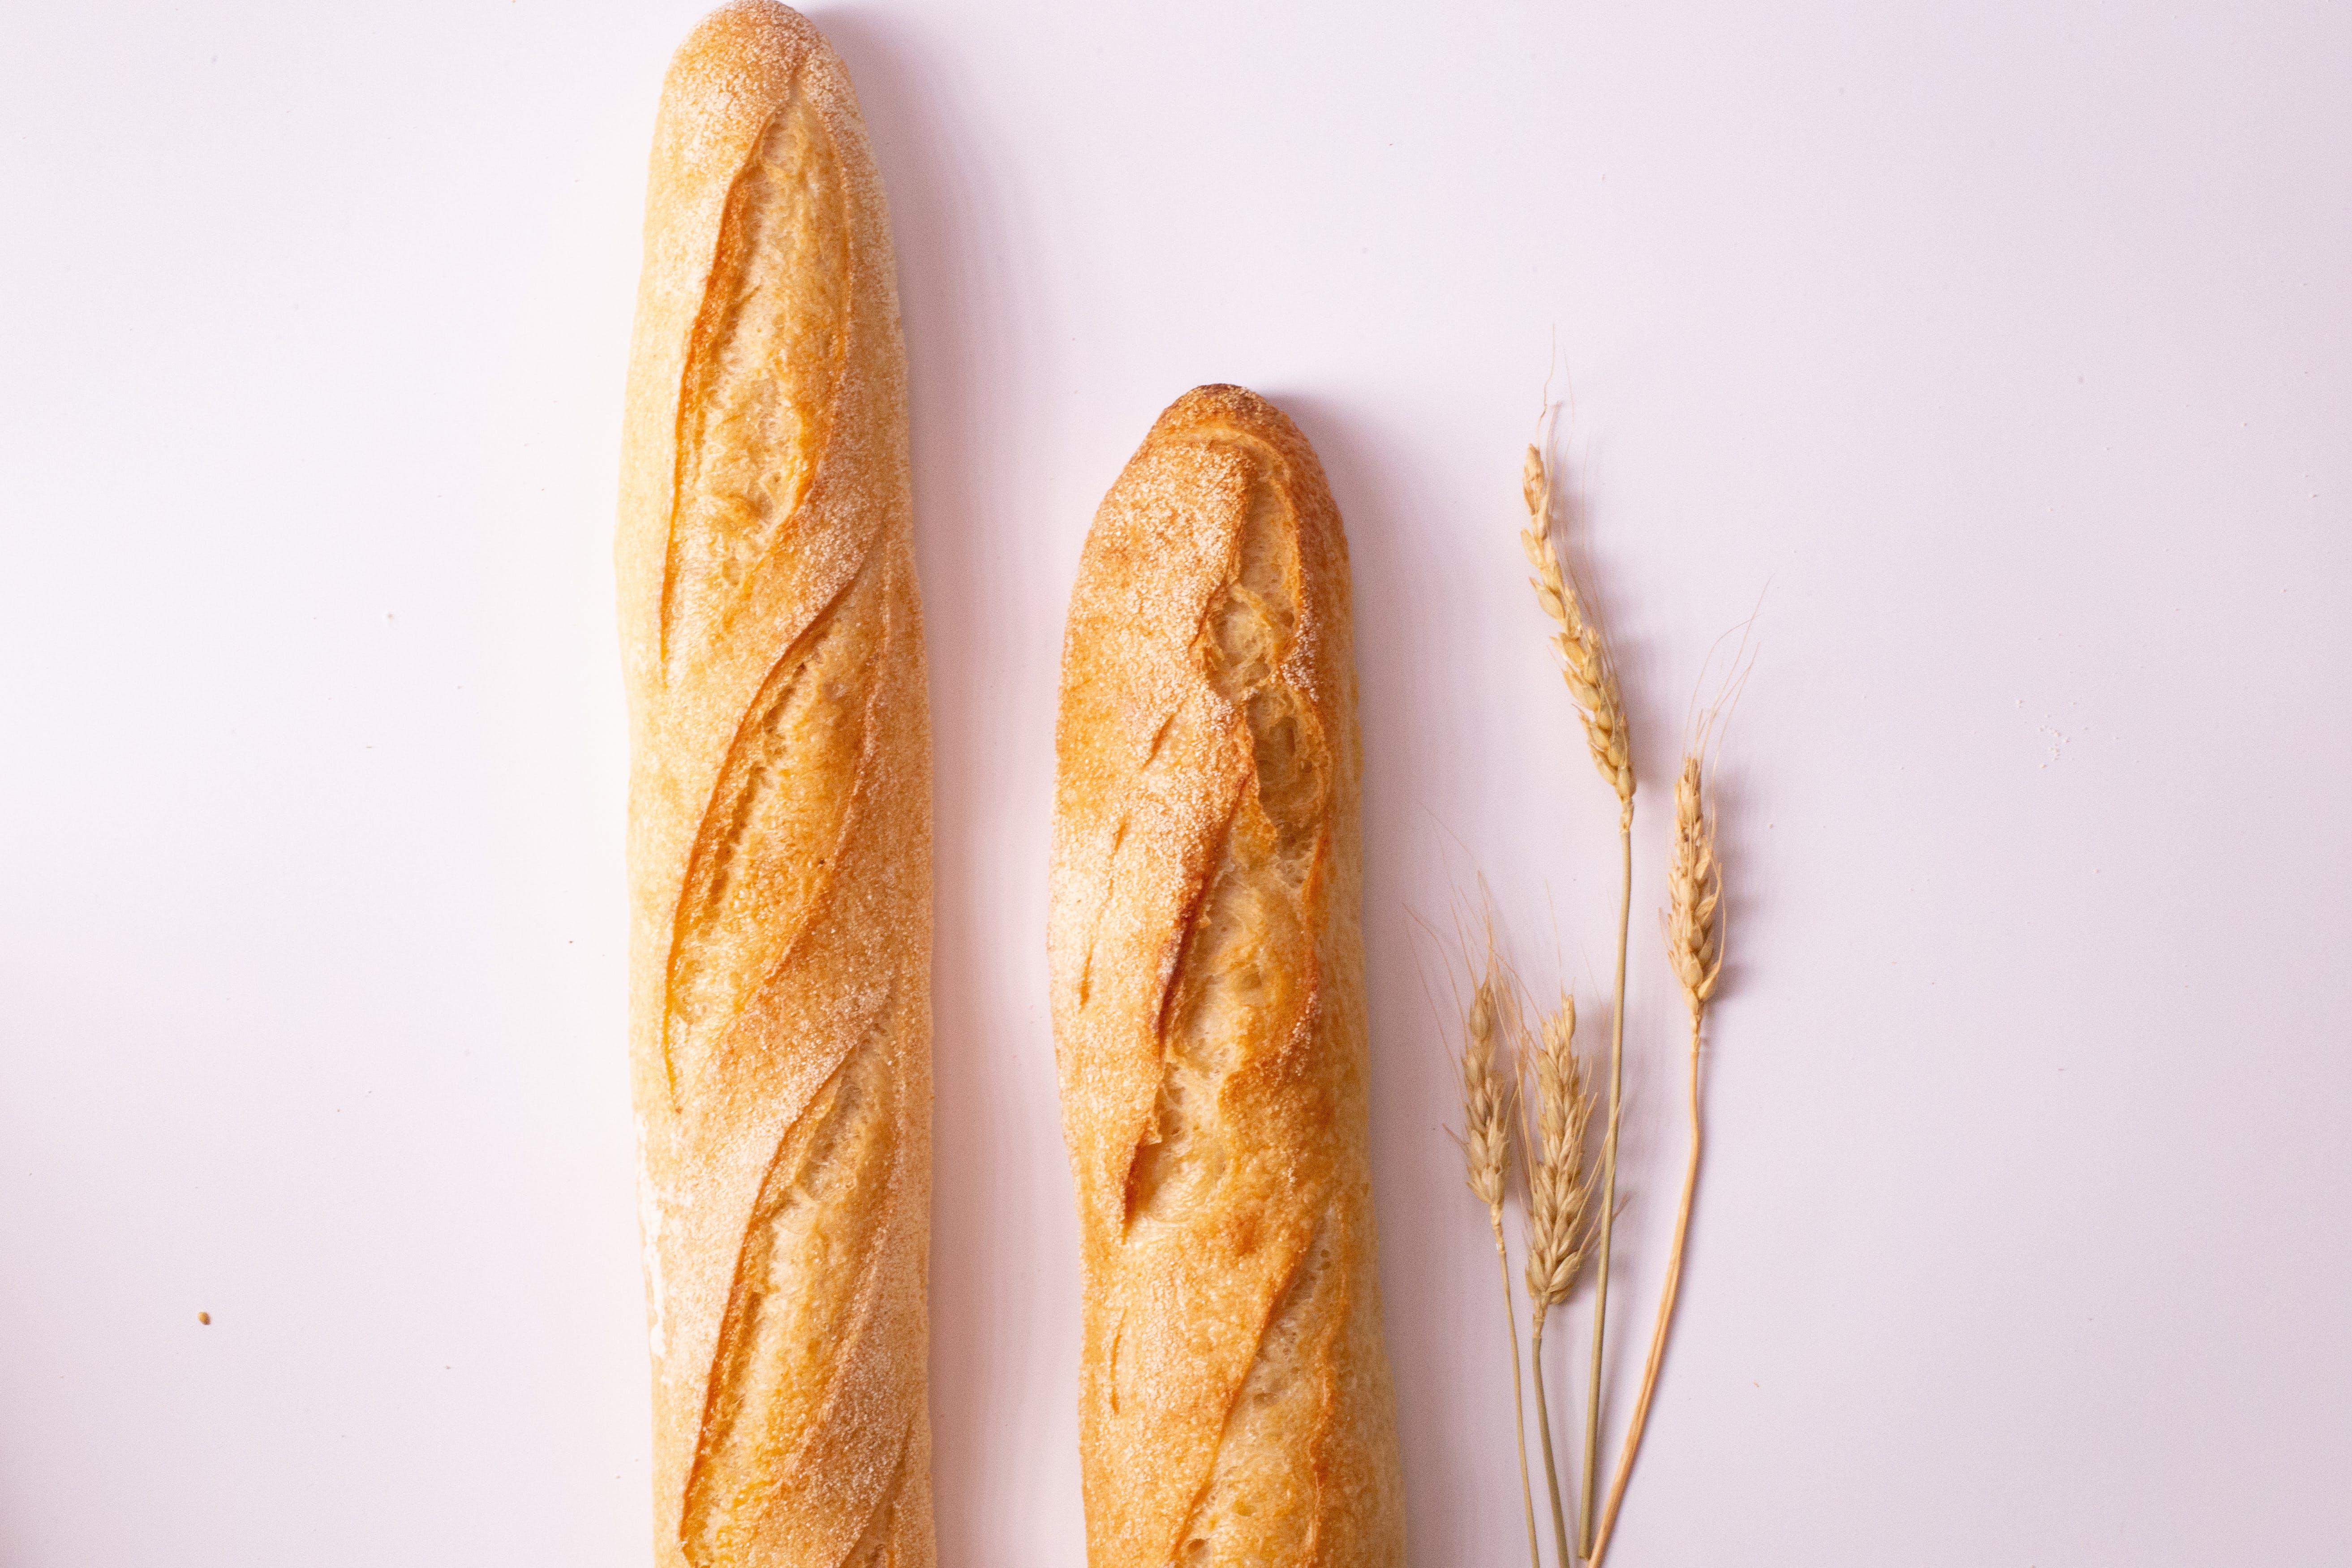 Ảnh lưu trữ miễn phí về baguette, bánh mỳ, bánh ngọt, lúa mạch đen